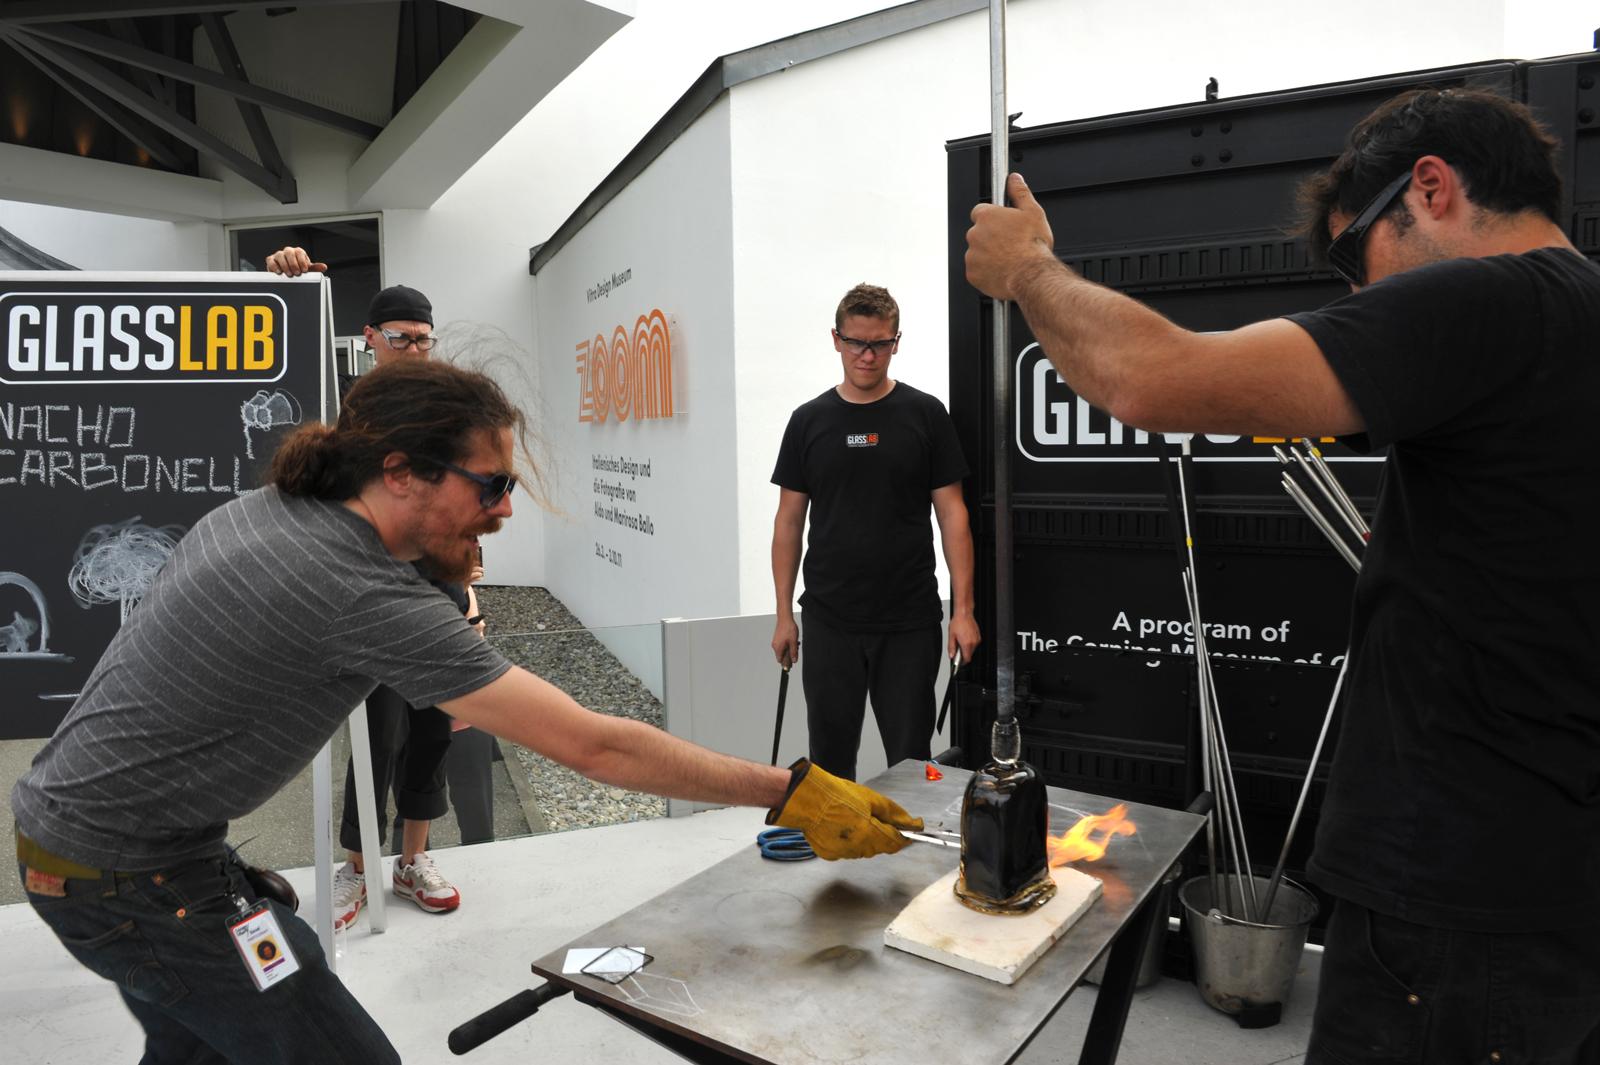 Designer Nacho Carbonell at GlassLab design session